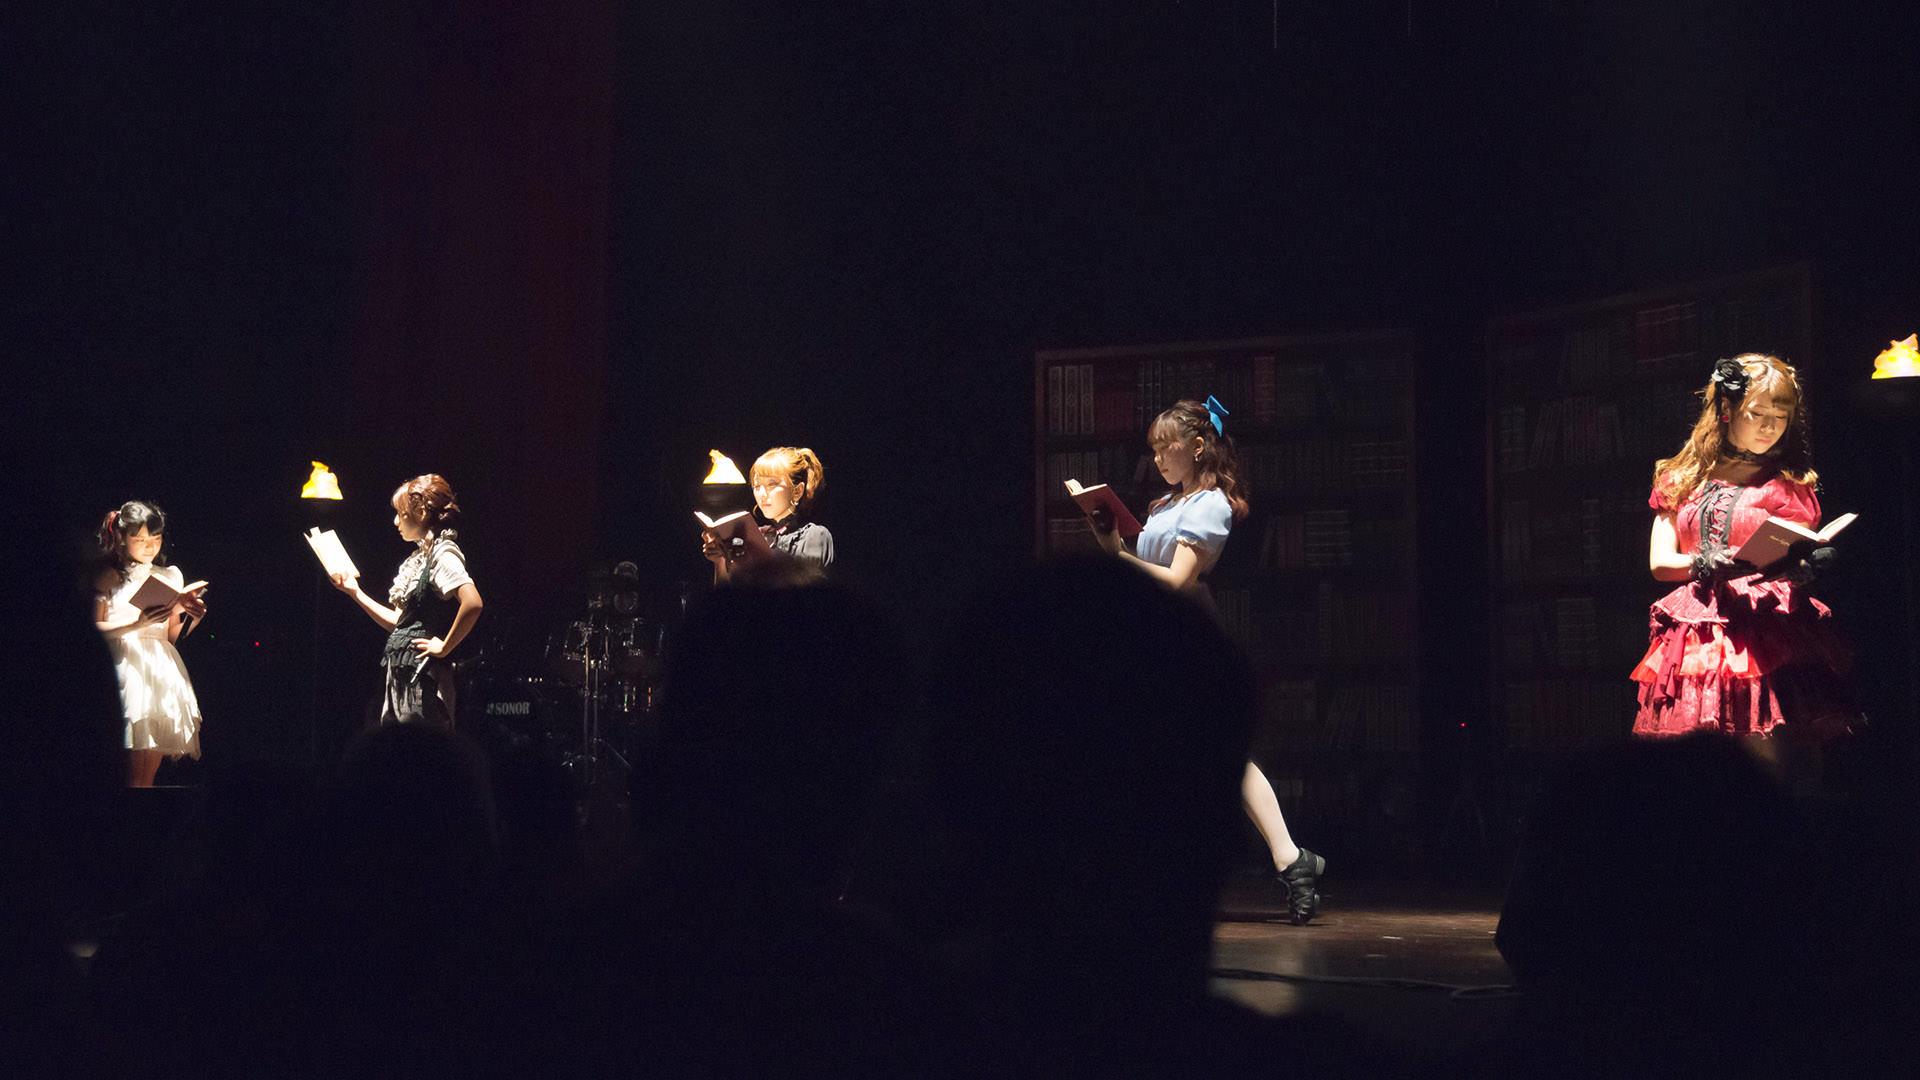 衣装もバンドも全部最高!STARMARIE単独公演「FANTASY CIRCUS〜第三幕 スペル・オブ・ザ・ブック〜」が完全に優勝だった